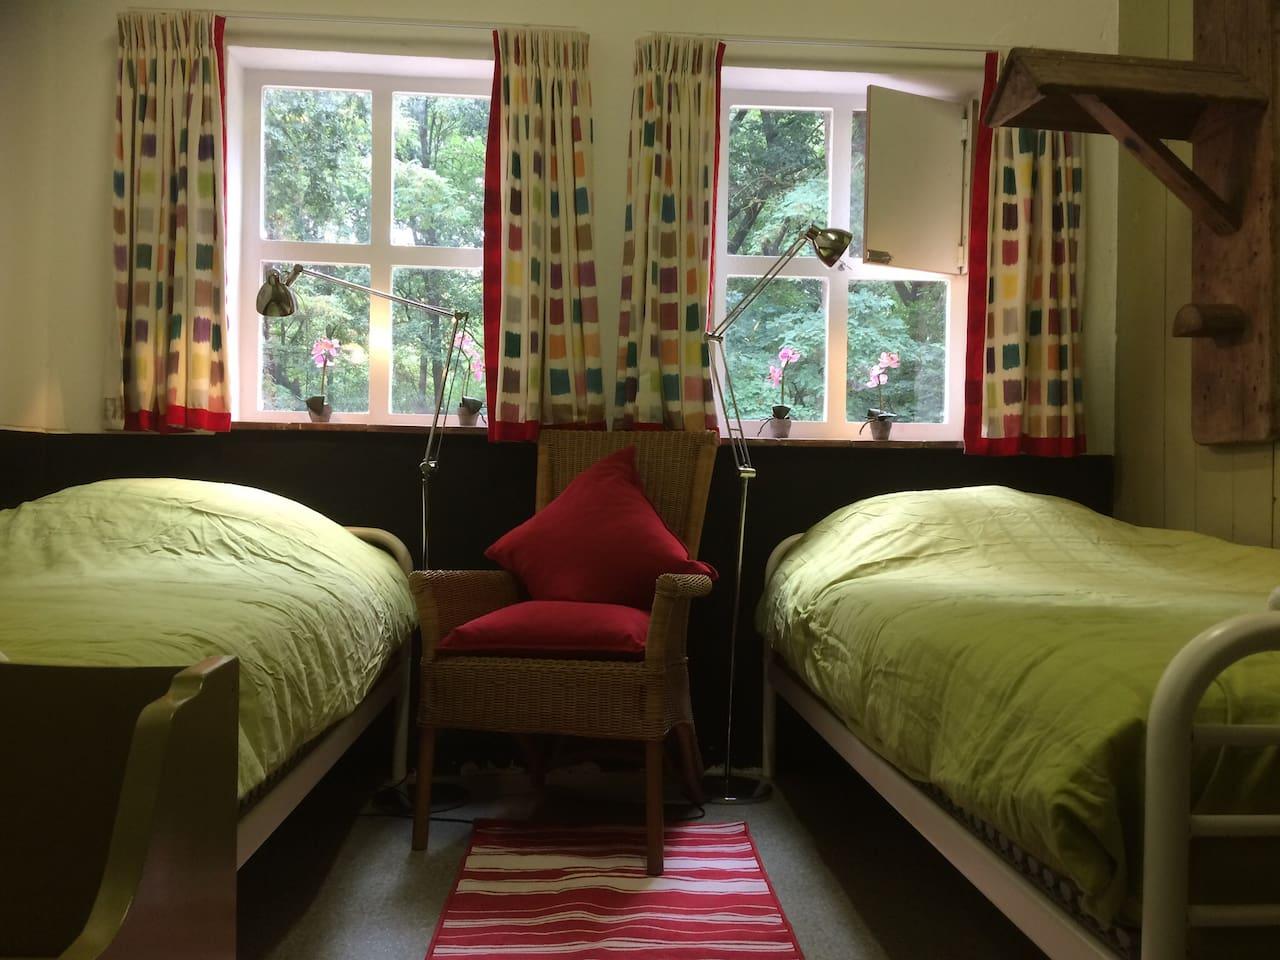 Bed & Breakfast Zadelkamer met eenpersoons bedden, leesstoel en leeslampen